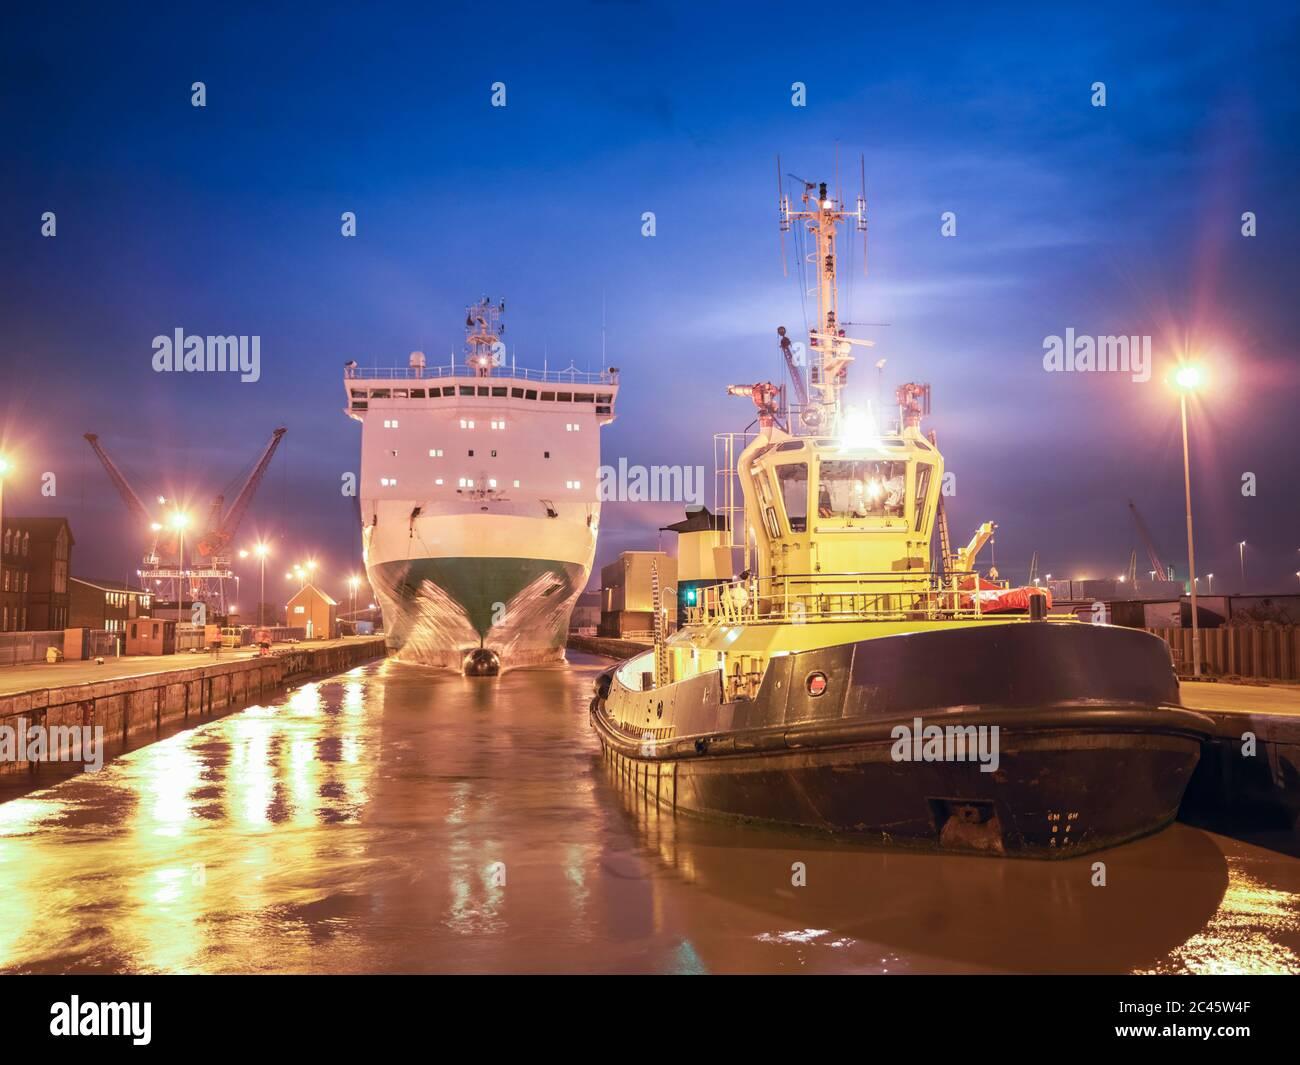 Remolca un bote esperando en el mar para remolcar el ferry desde el puerto al mar por la noche. Foto de stock